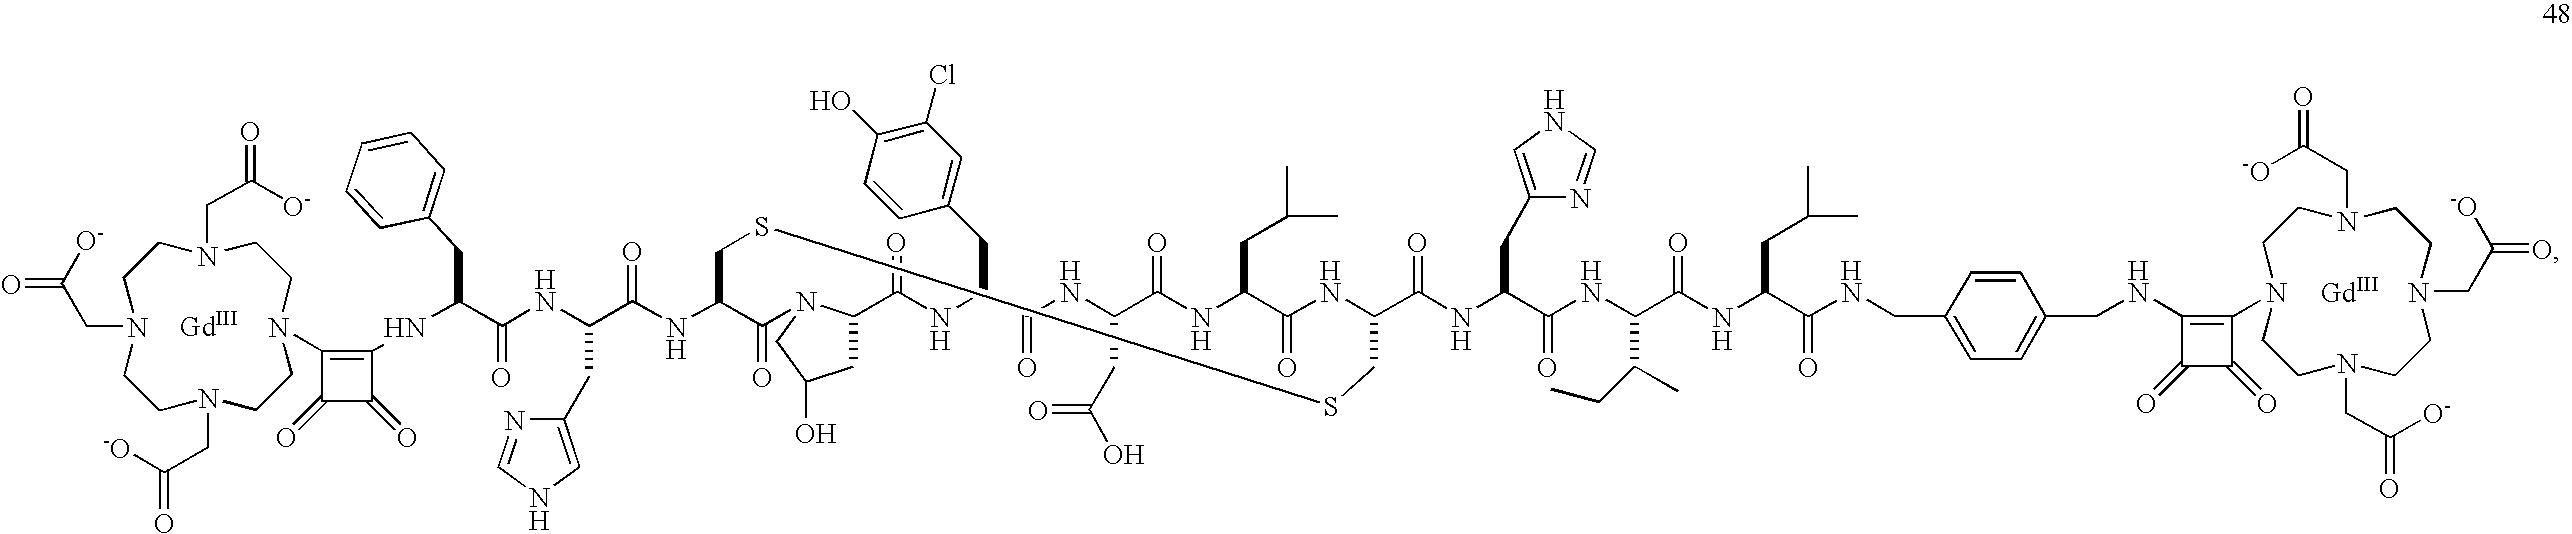 Figure US20030180222A1-20030925-C00103